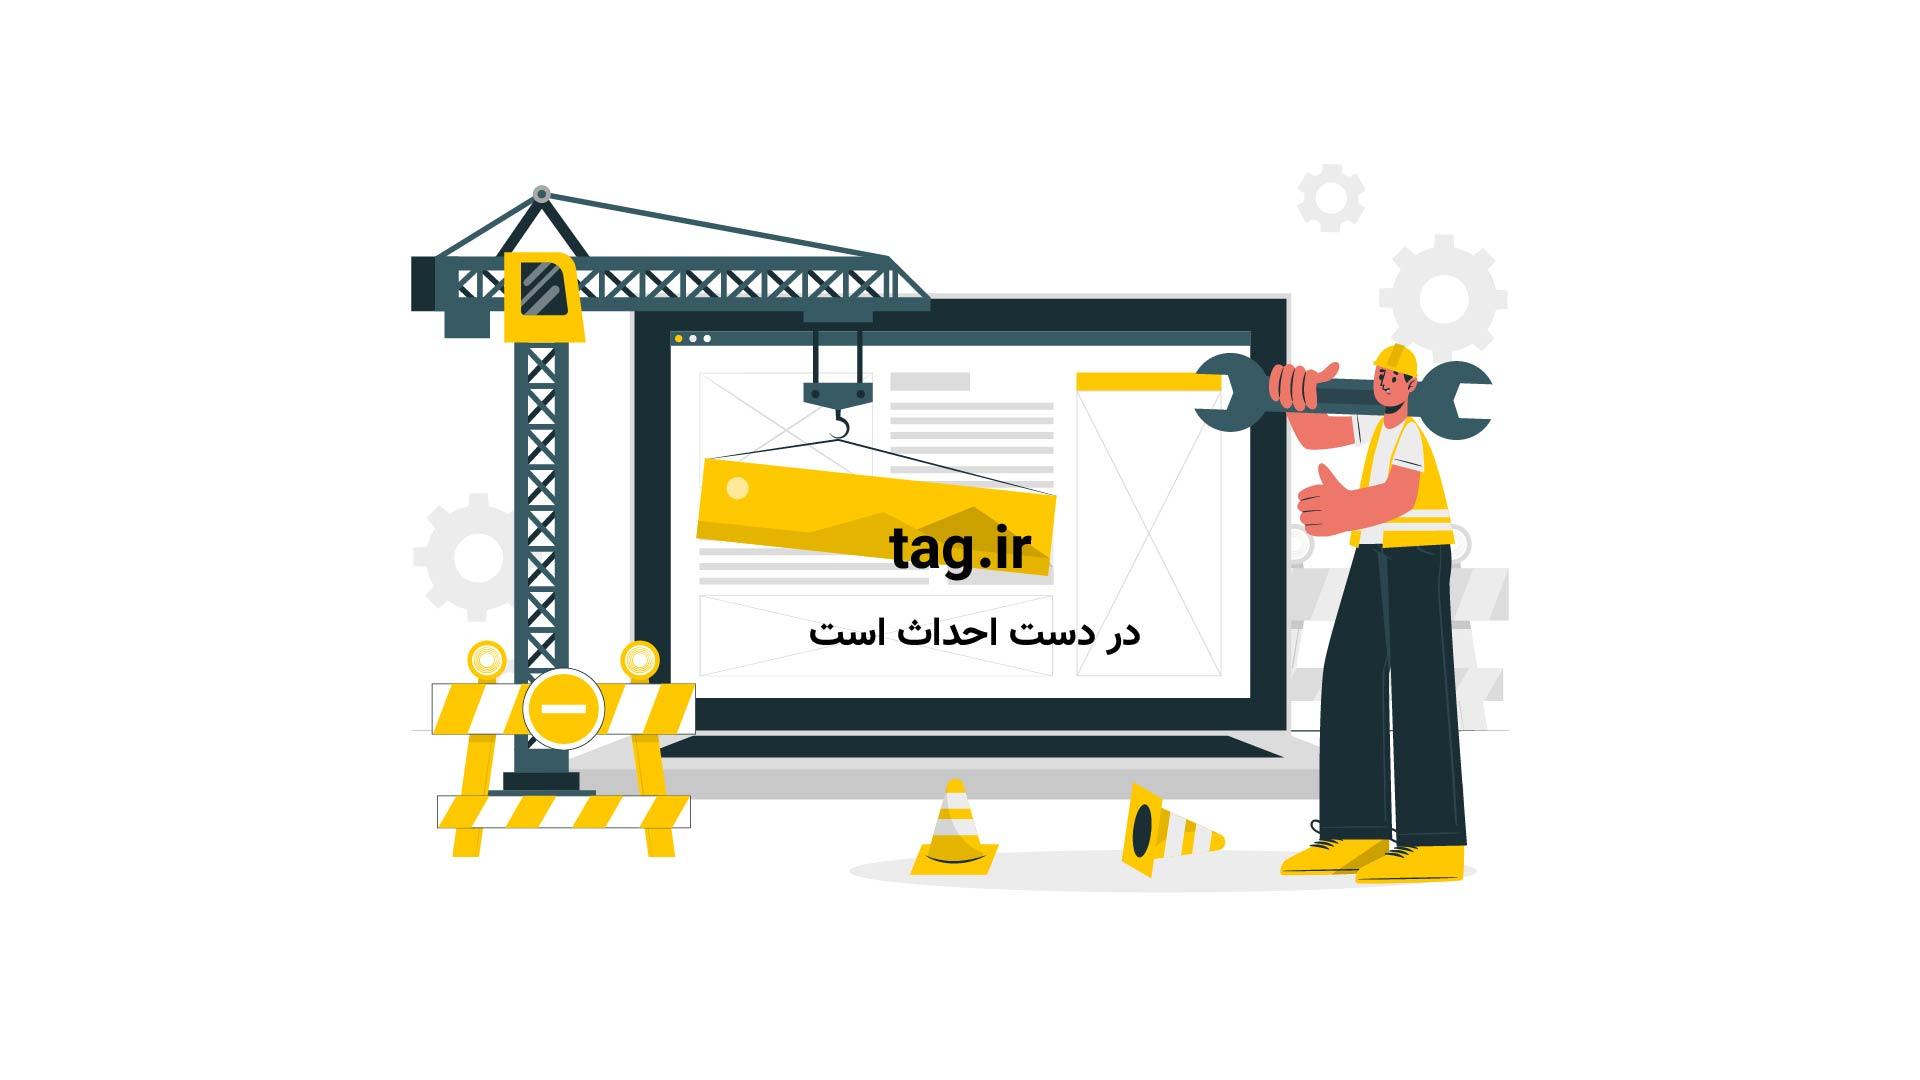 صحنههایی زیبا از شکار و نبرد در حیات وحش | فیلم